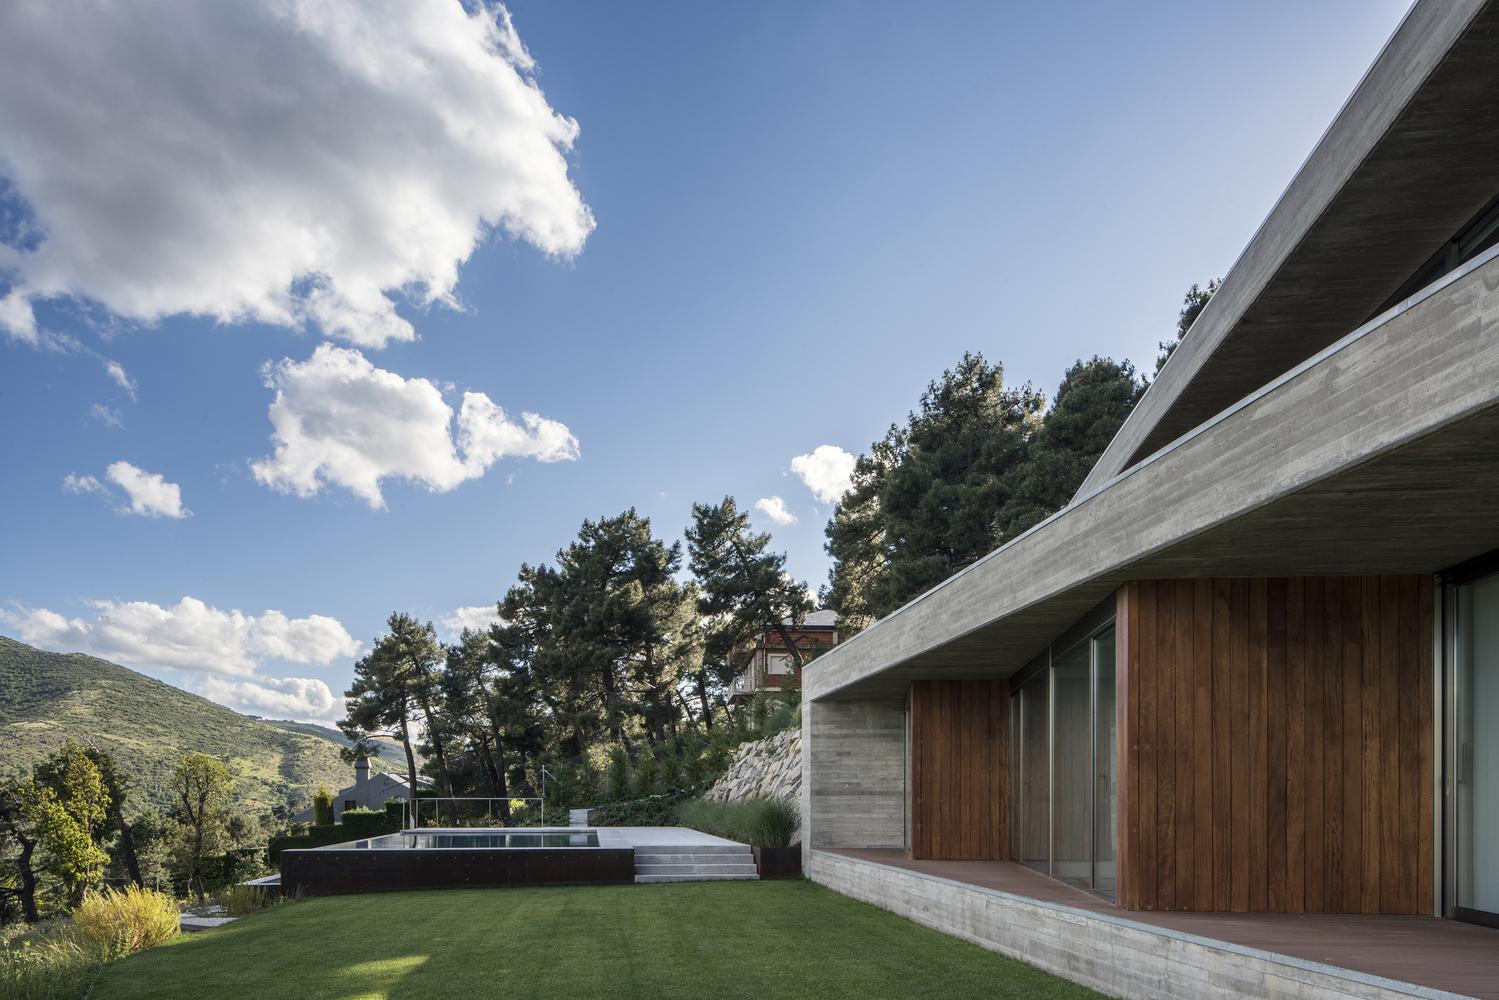 L'immobile è di recente costruzione / Jesús Granada